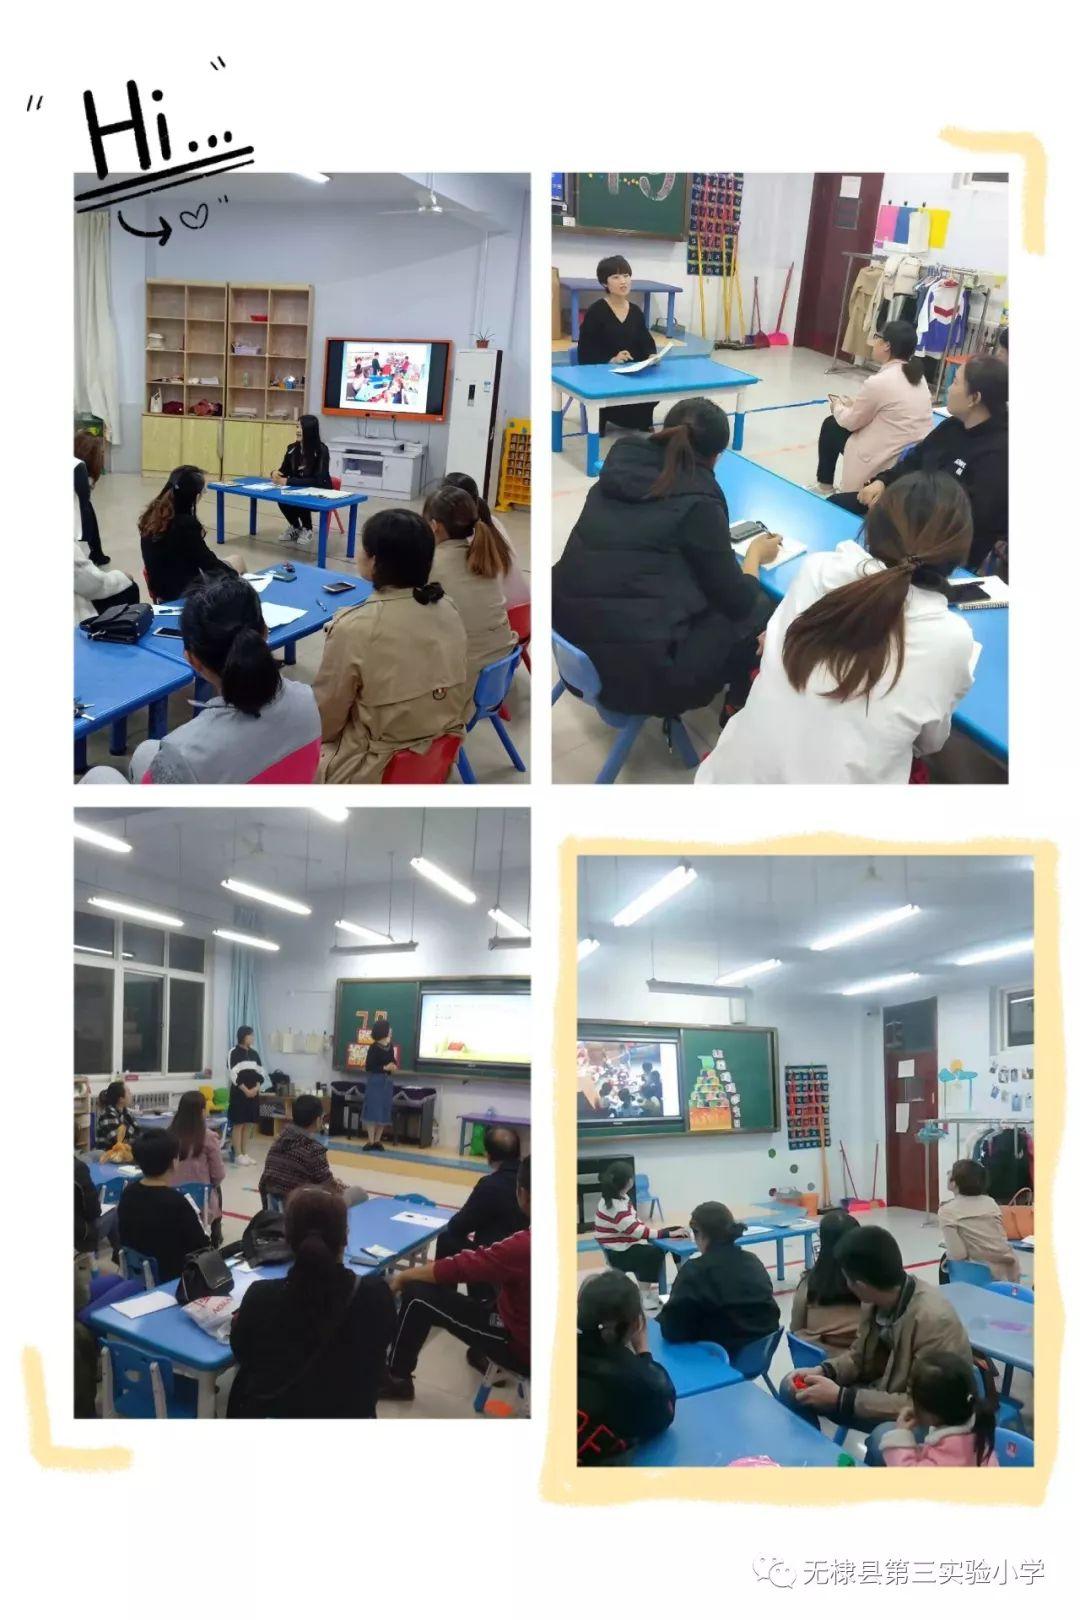 无棣县第三实验小学幼儿园召开新学期班级家长会